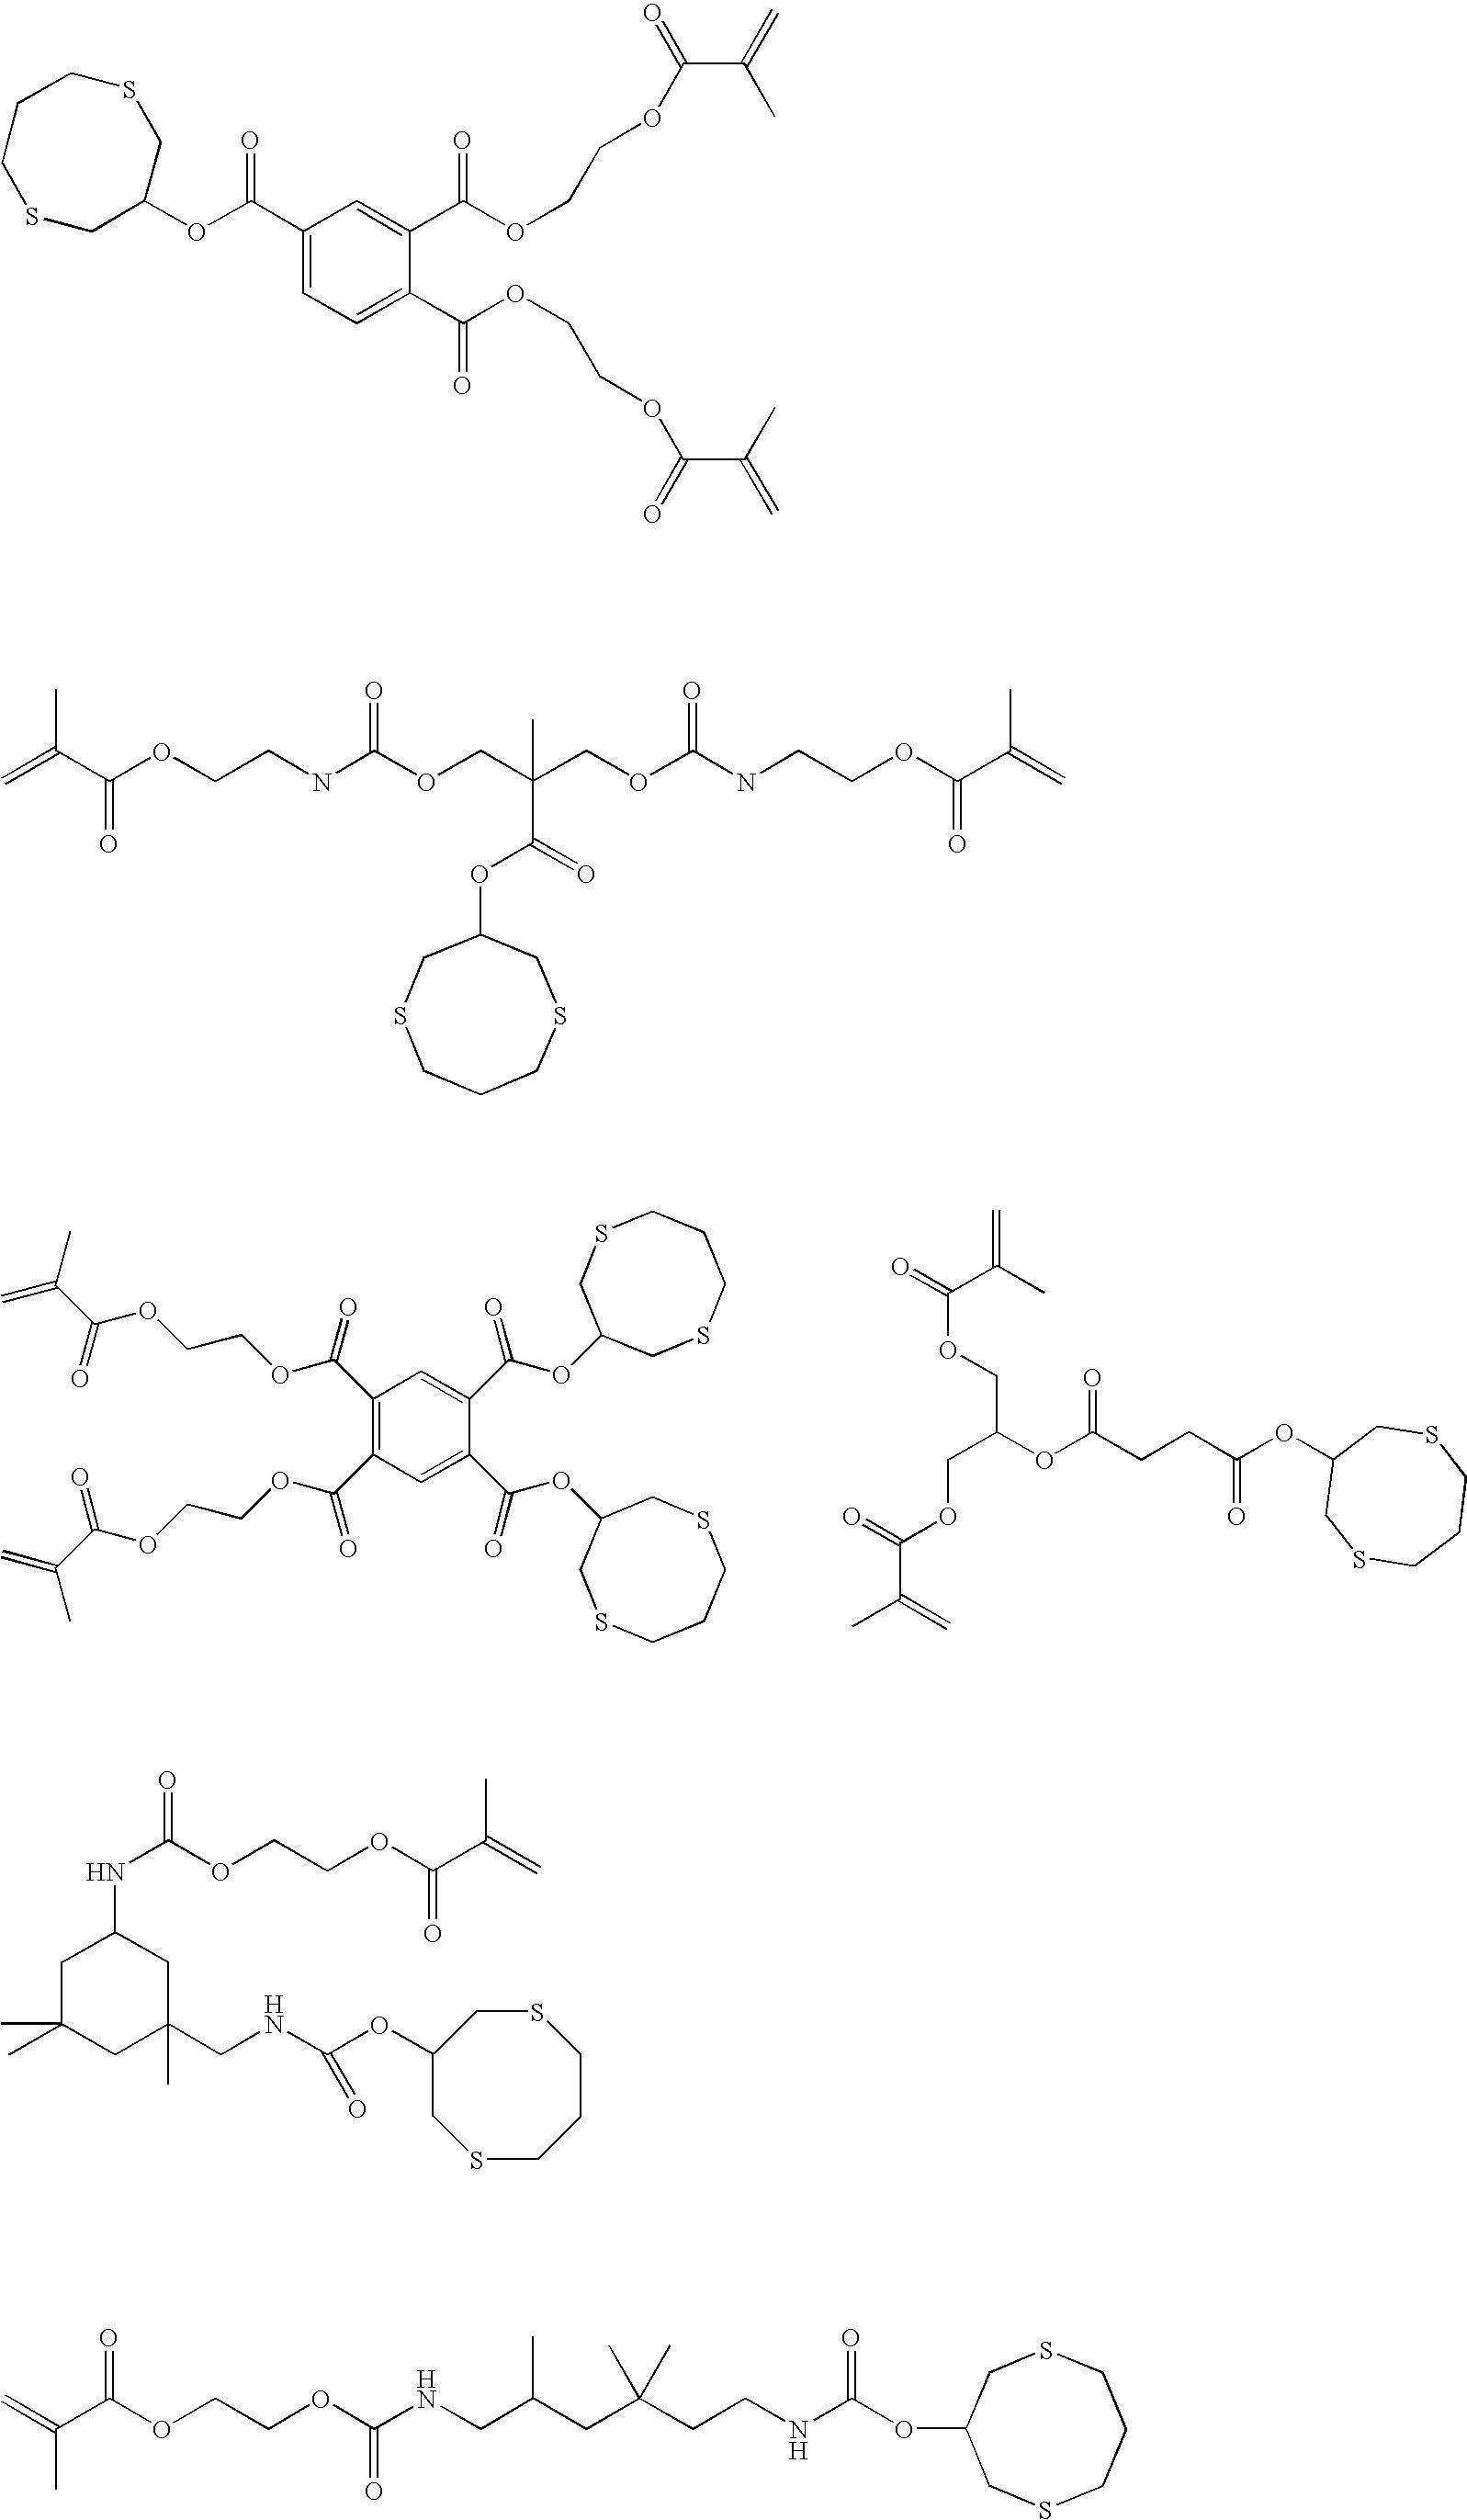 Figure US07495054-20090224-C00004